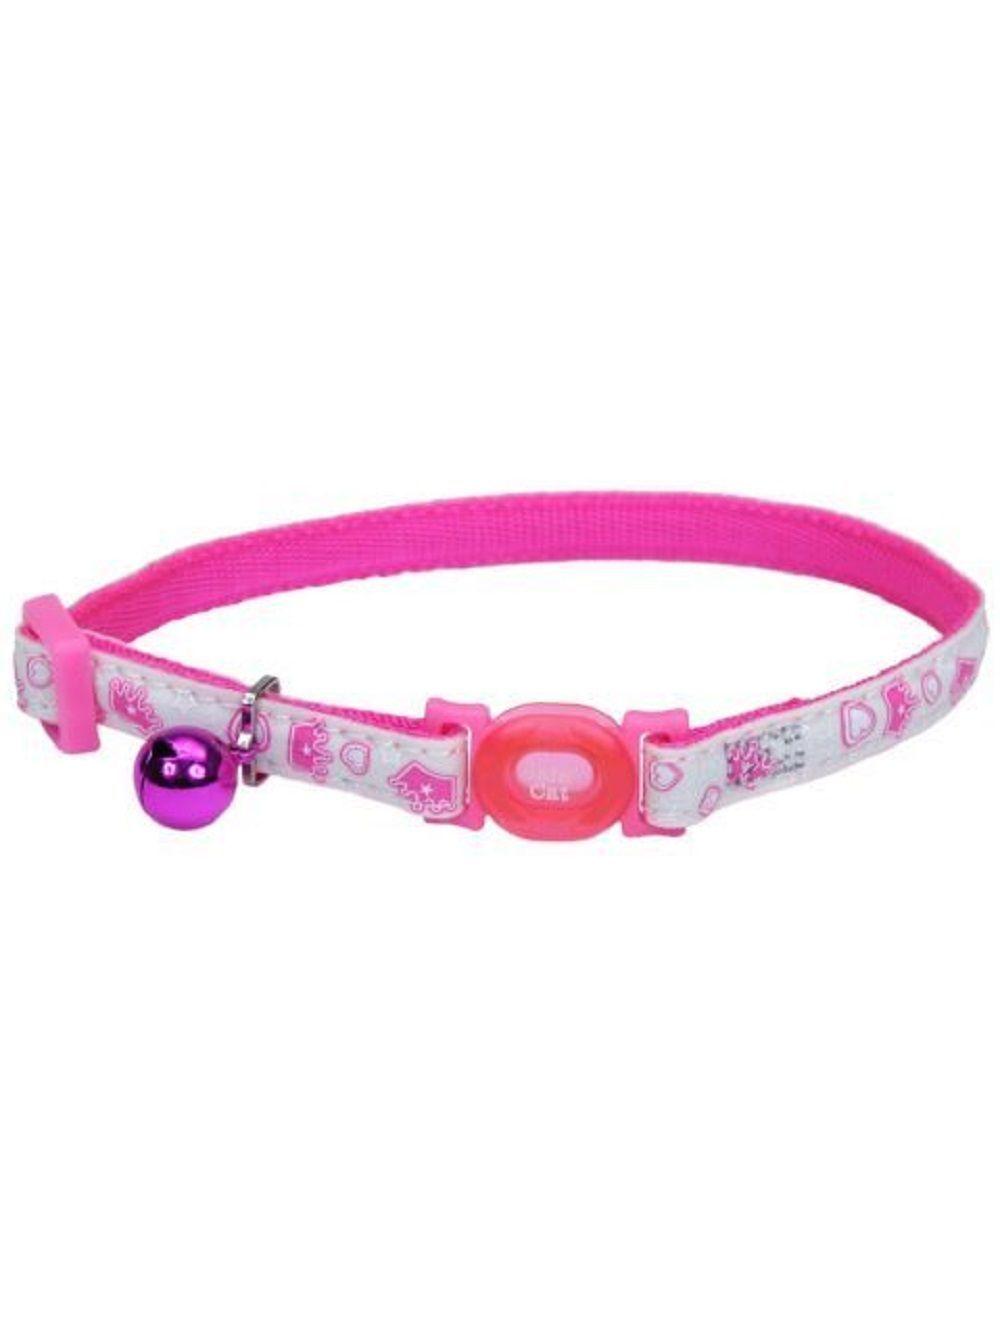 Coastal collar gato glow reflectivo reina rosado - Ciudaddemascotas.com